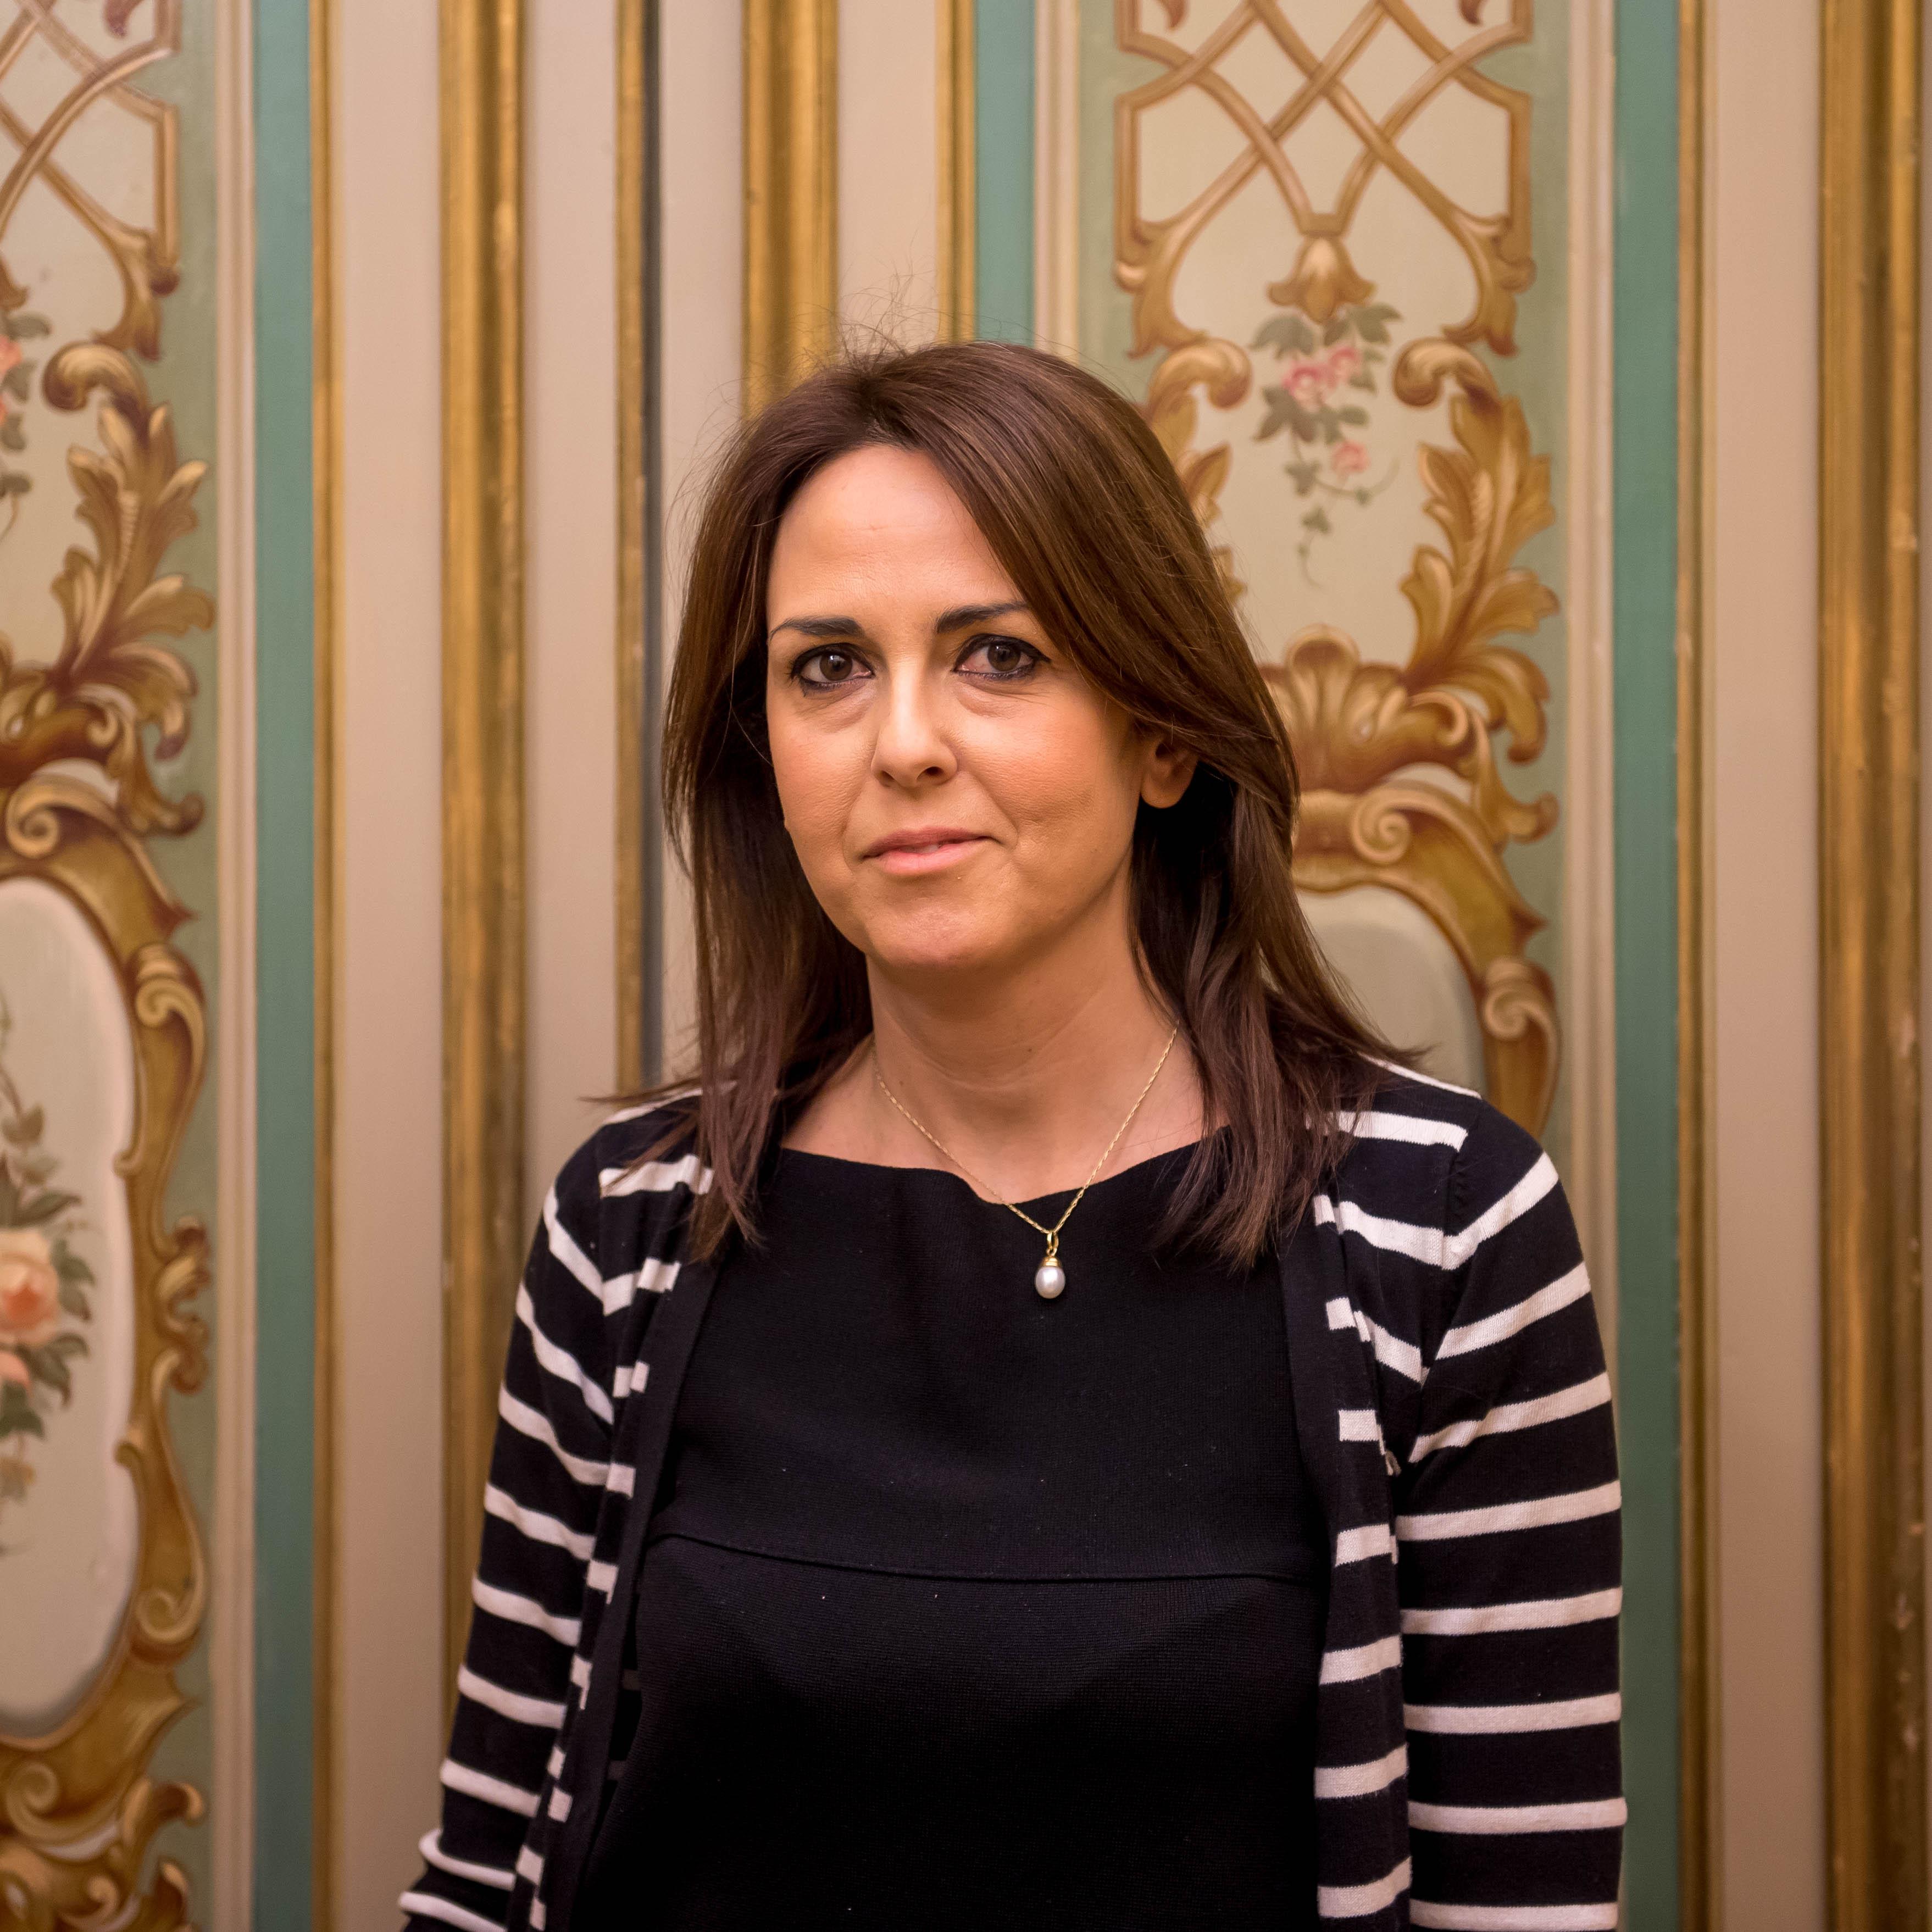 Daniela Pozzilli